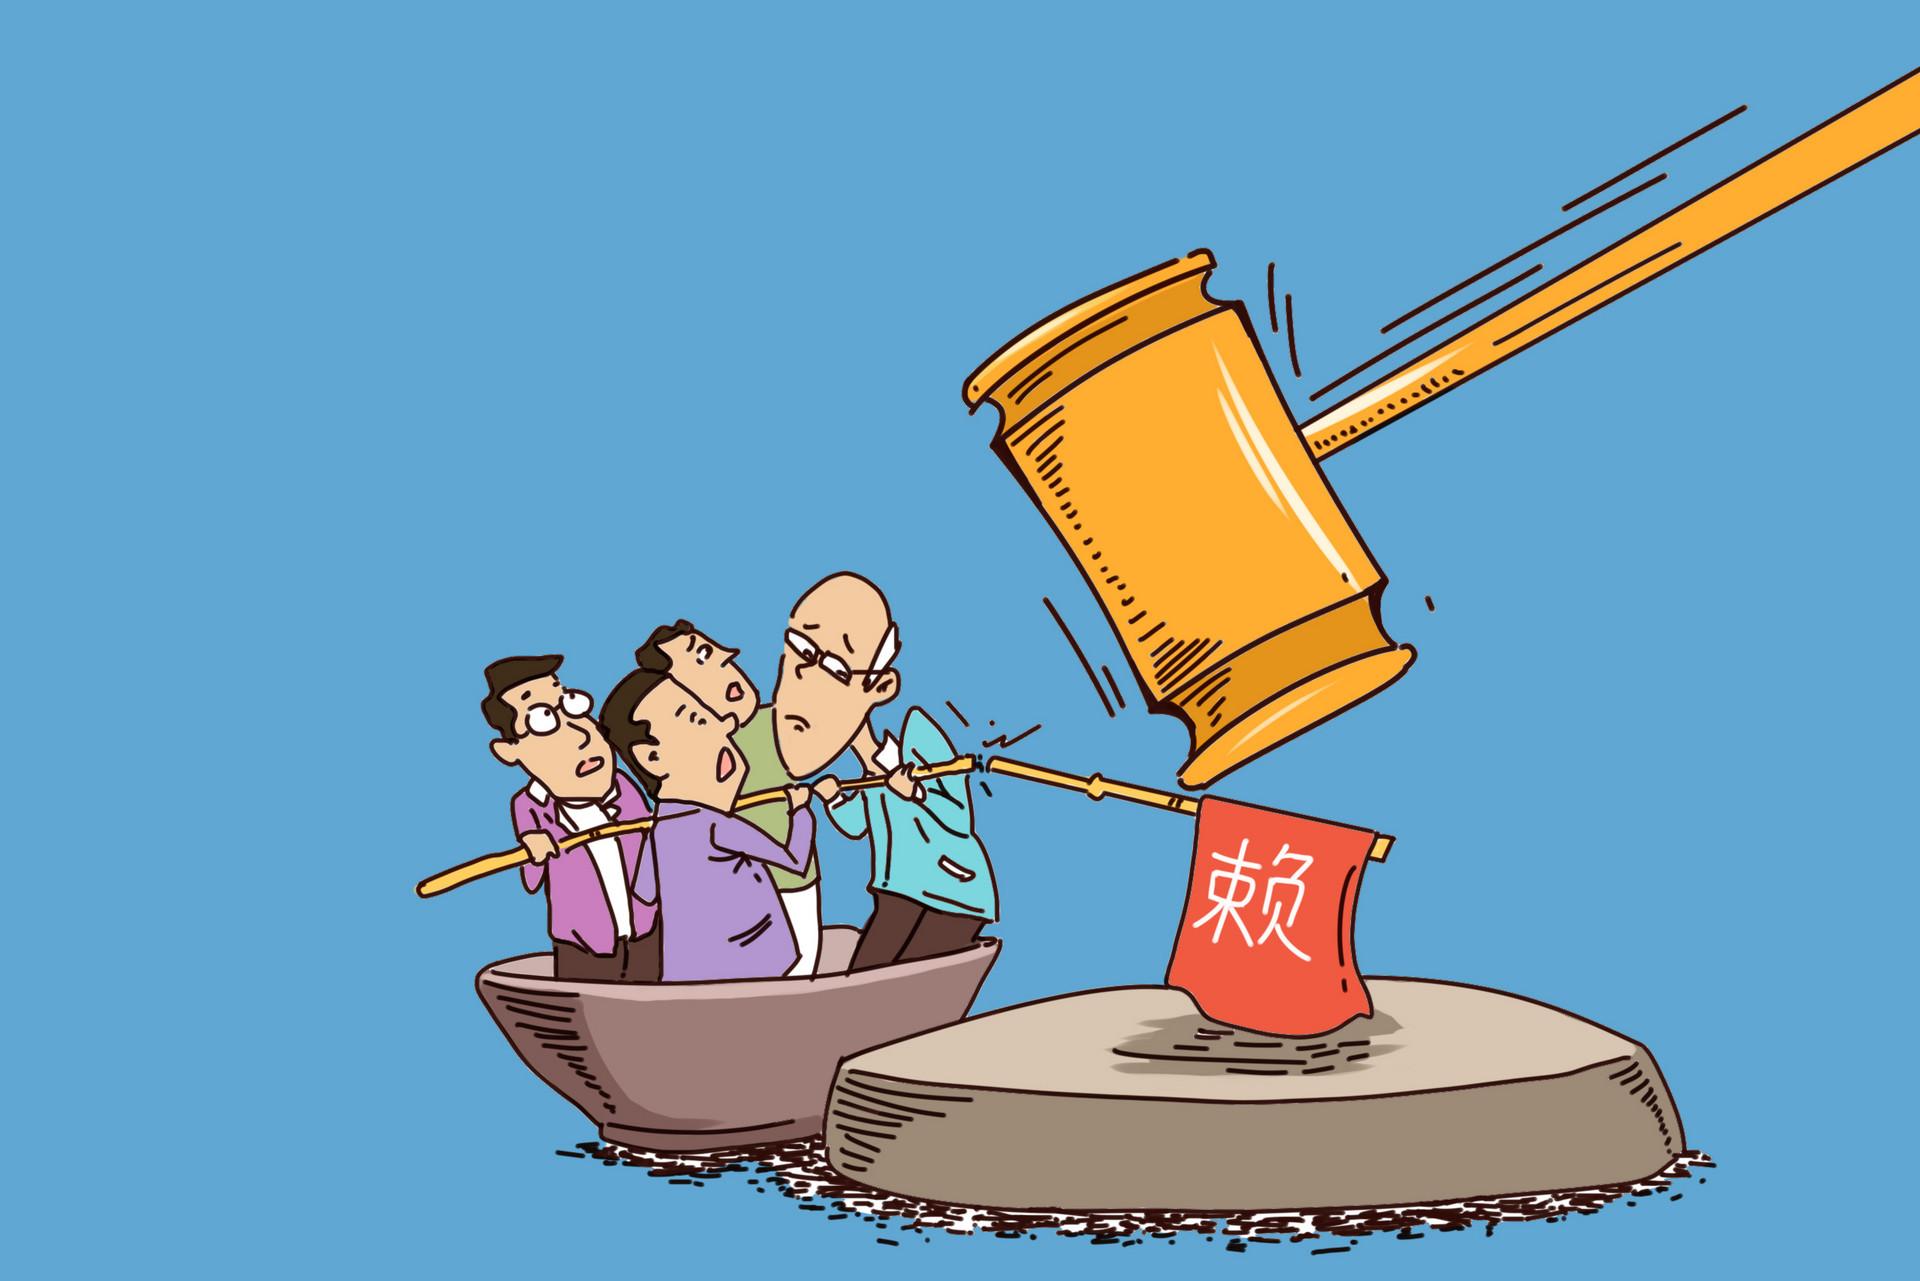 想进入代发薪资行业,如果不了解行业内的法律风险会成为炮灰!